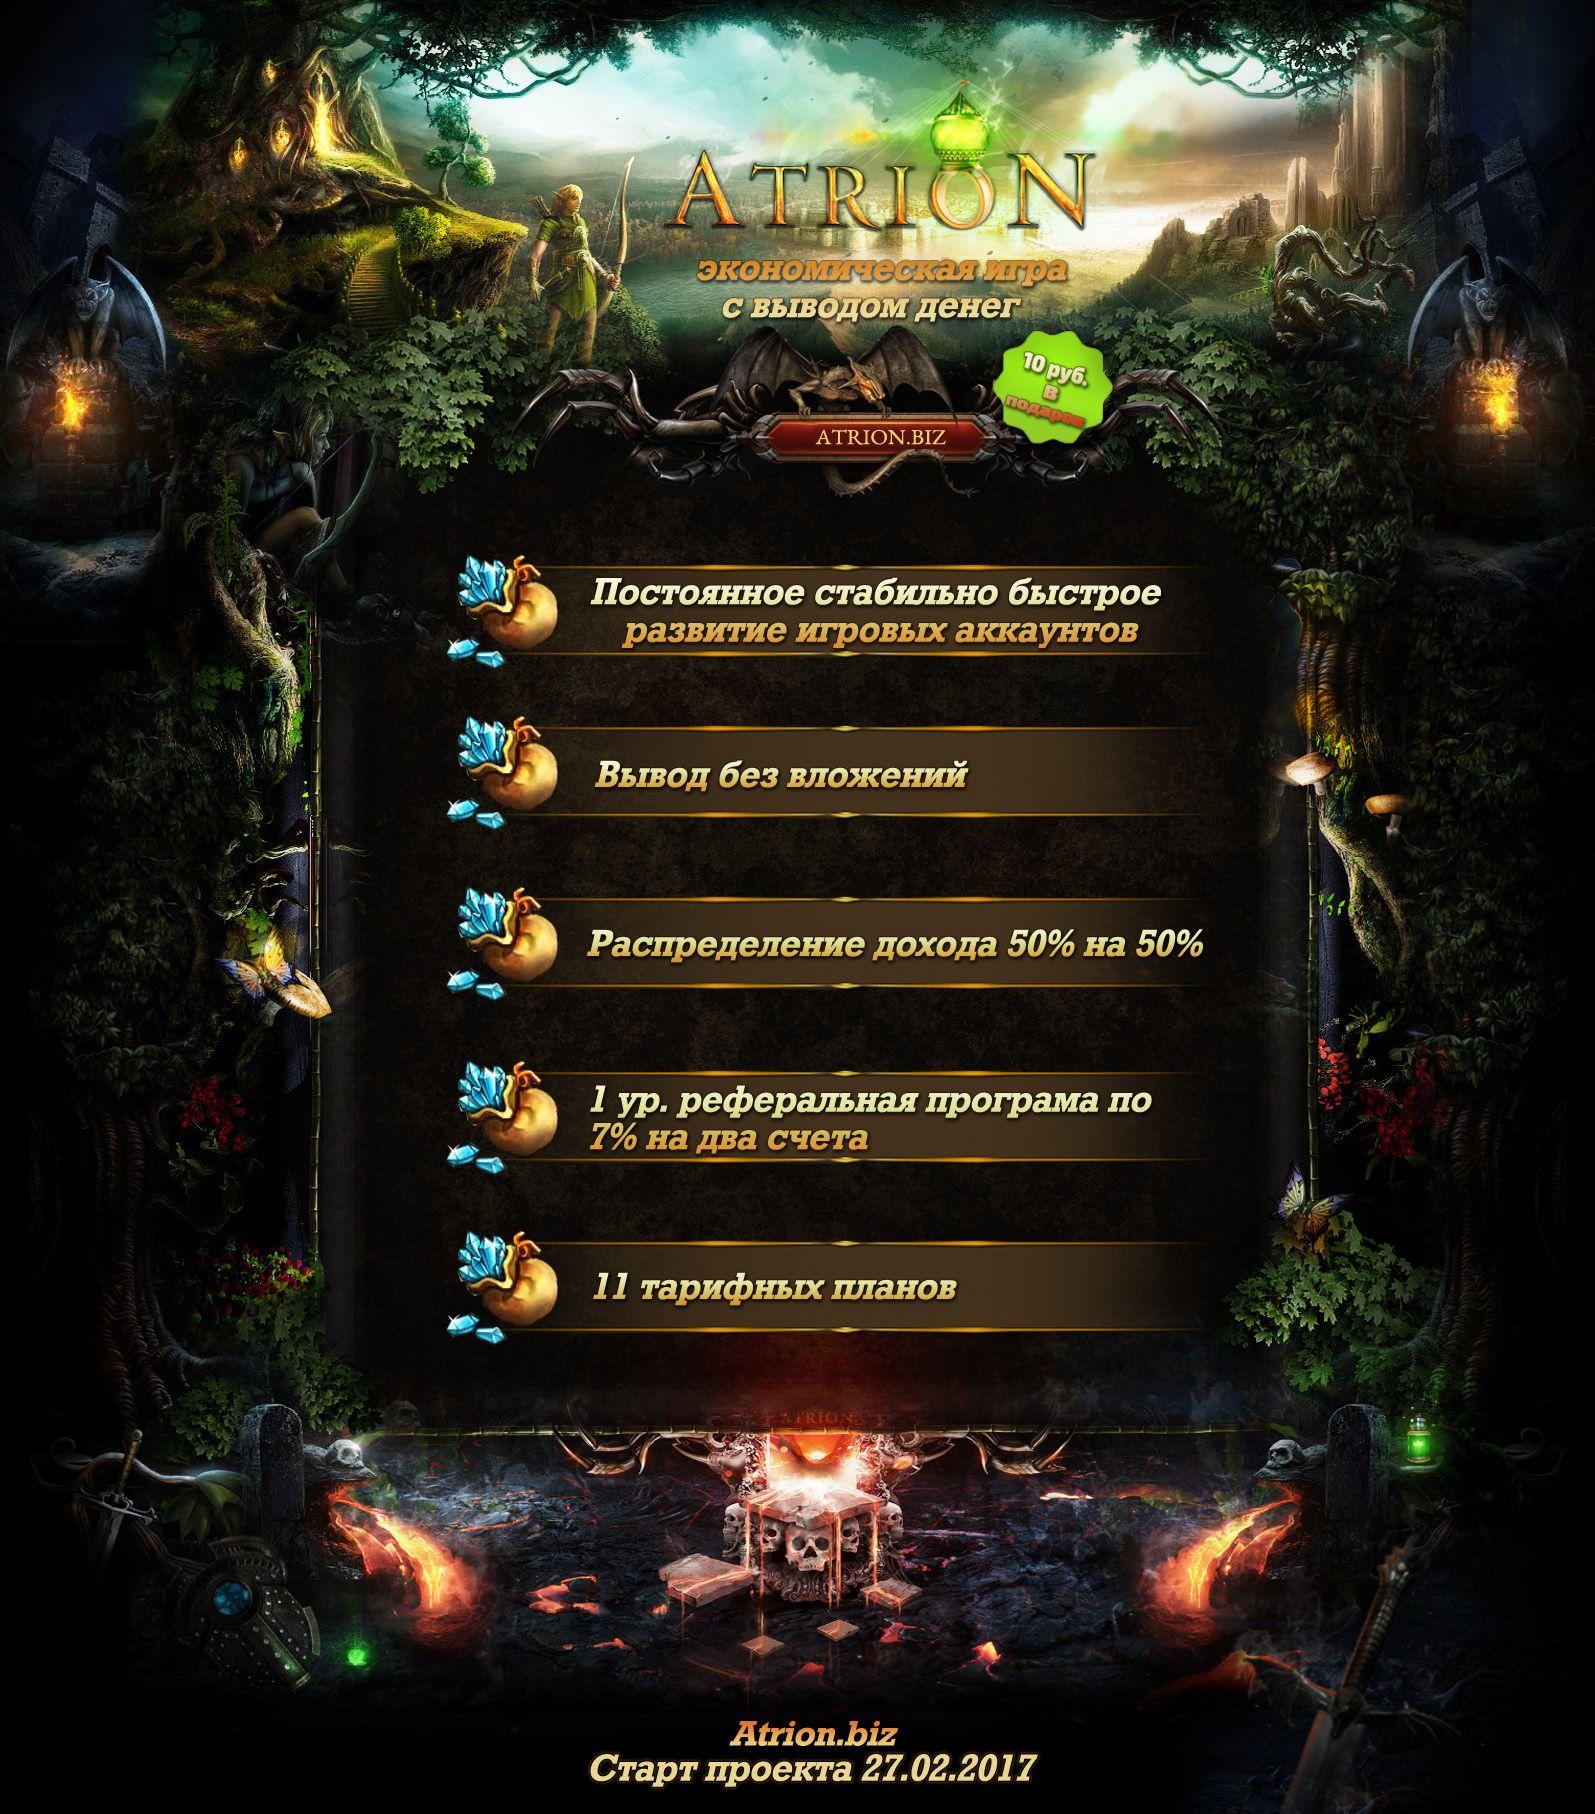 Игровые автоматы онлайн бесплатно lavaslots